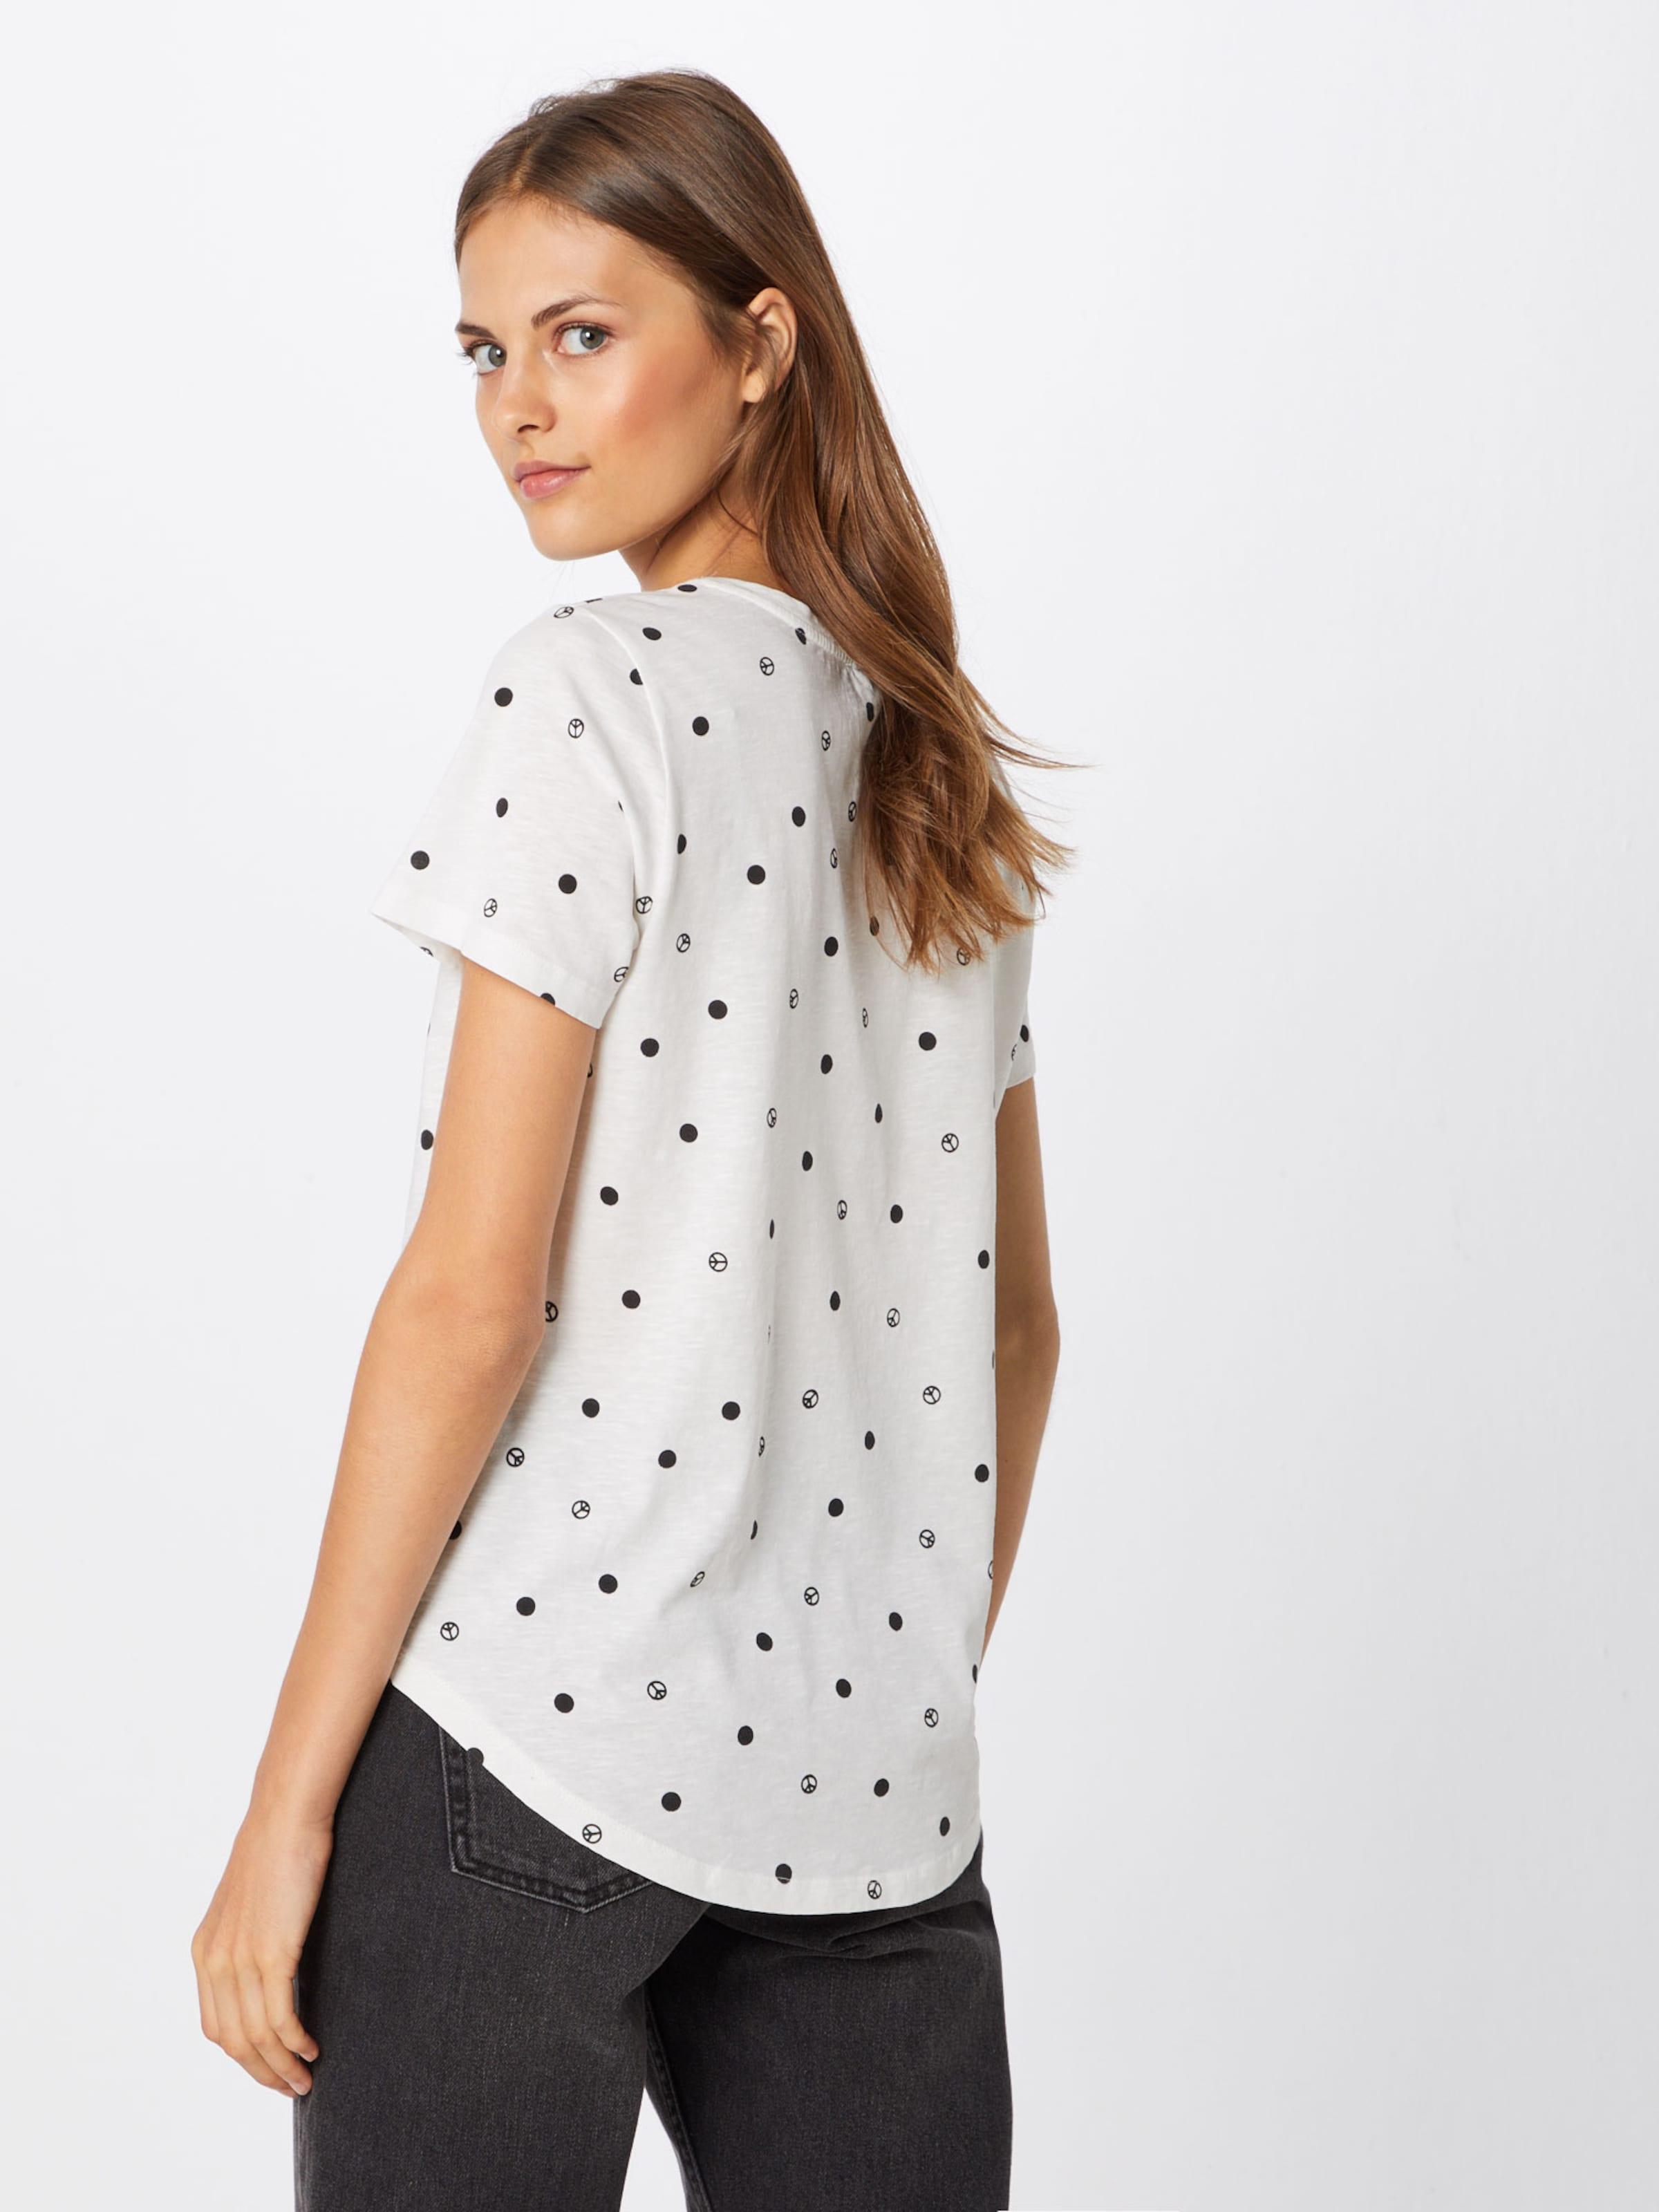 T shirt 'ts En Peace Spots' NoirBlanc Catwalk Junkie 5jLA4R